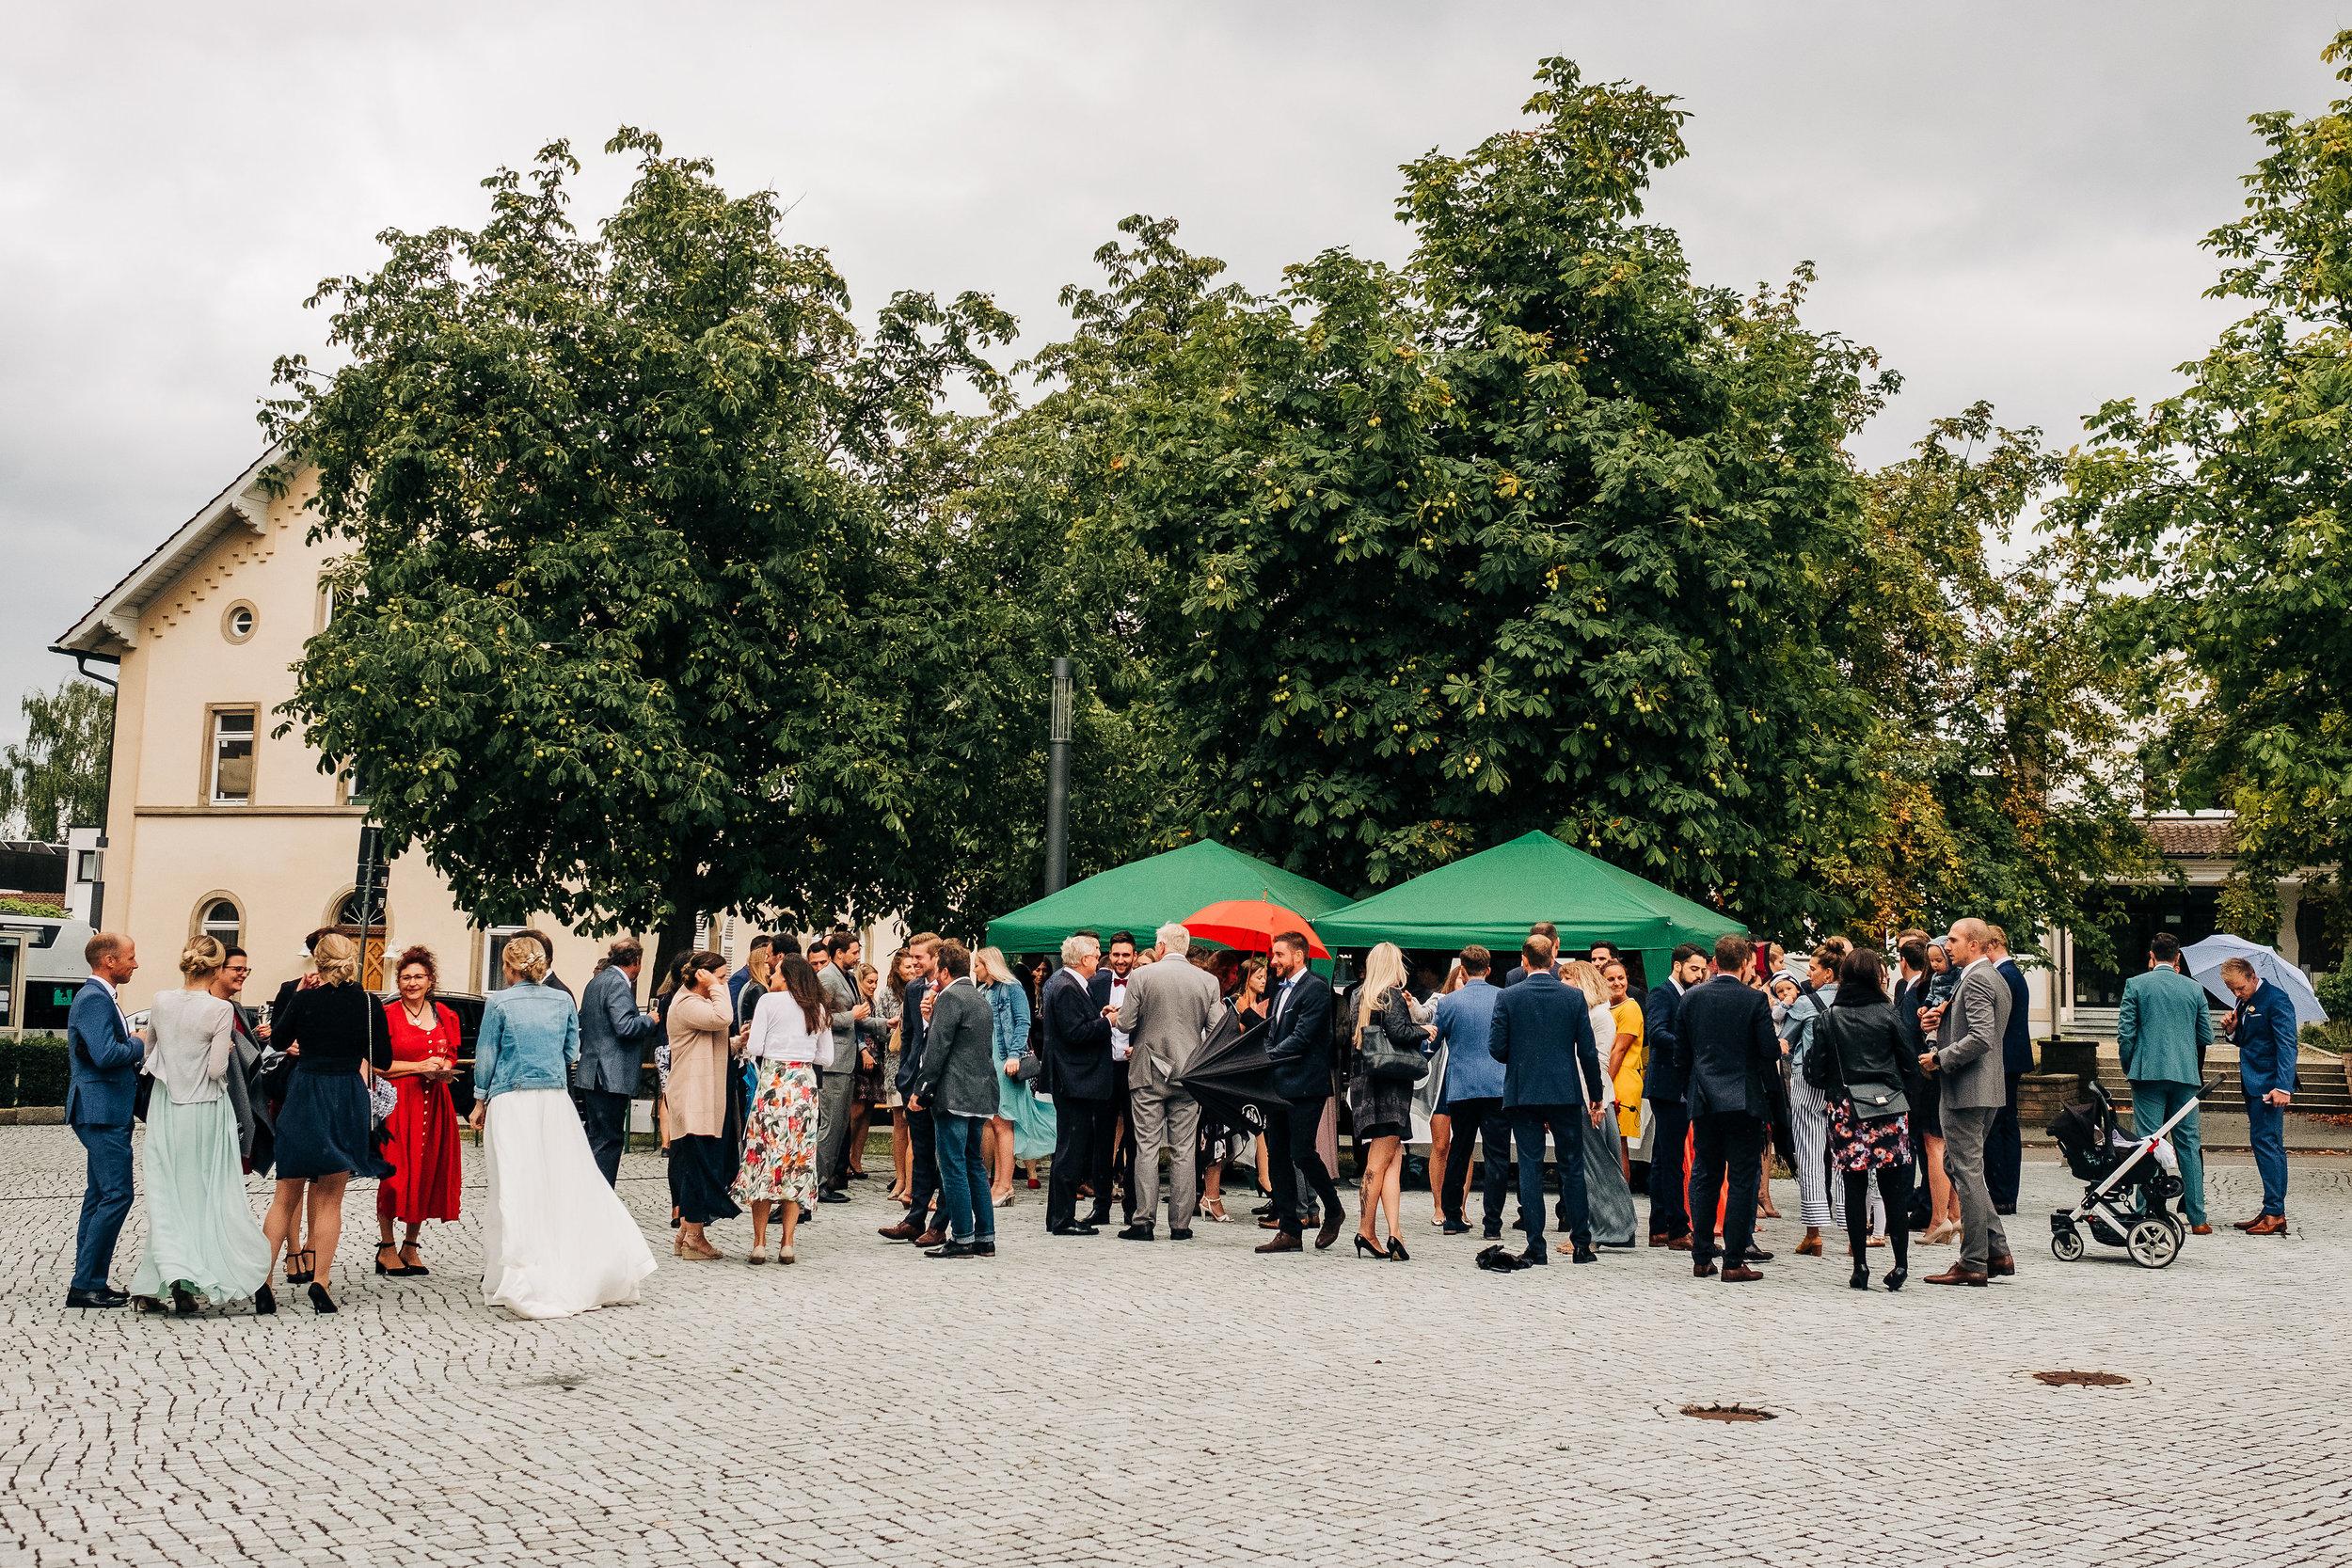 Anna-Hari-Photography-Hochzeitsfotografie-U&H-828.jpg